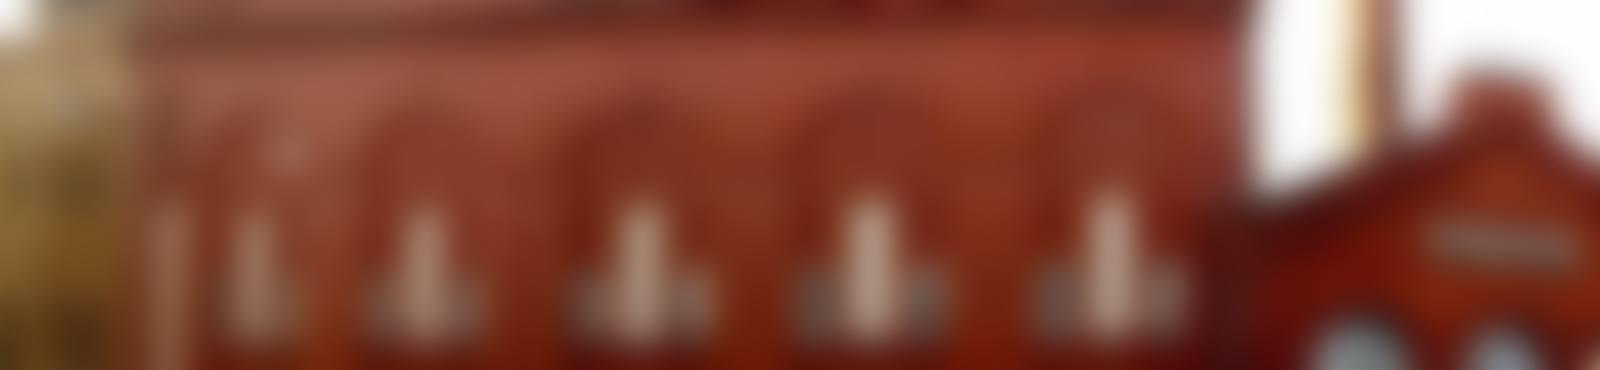 Blurred 11005952 10204346903016639 663287943 n